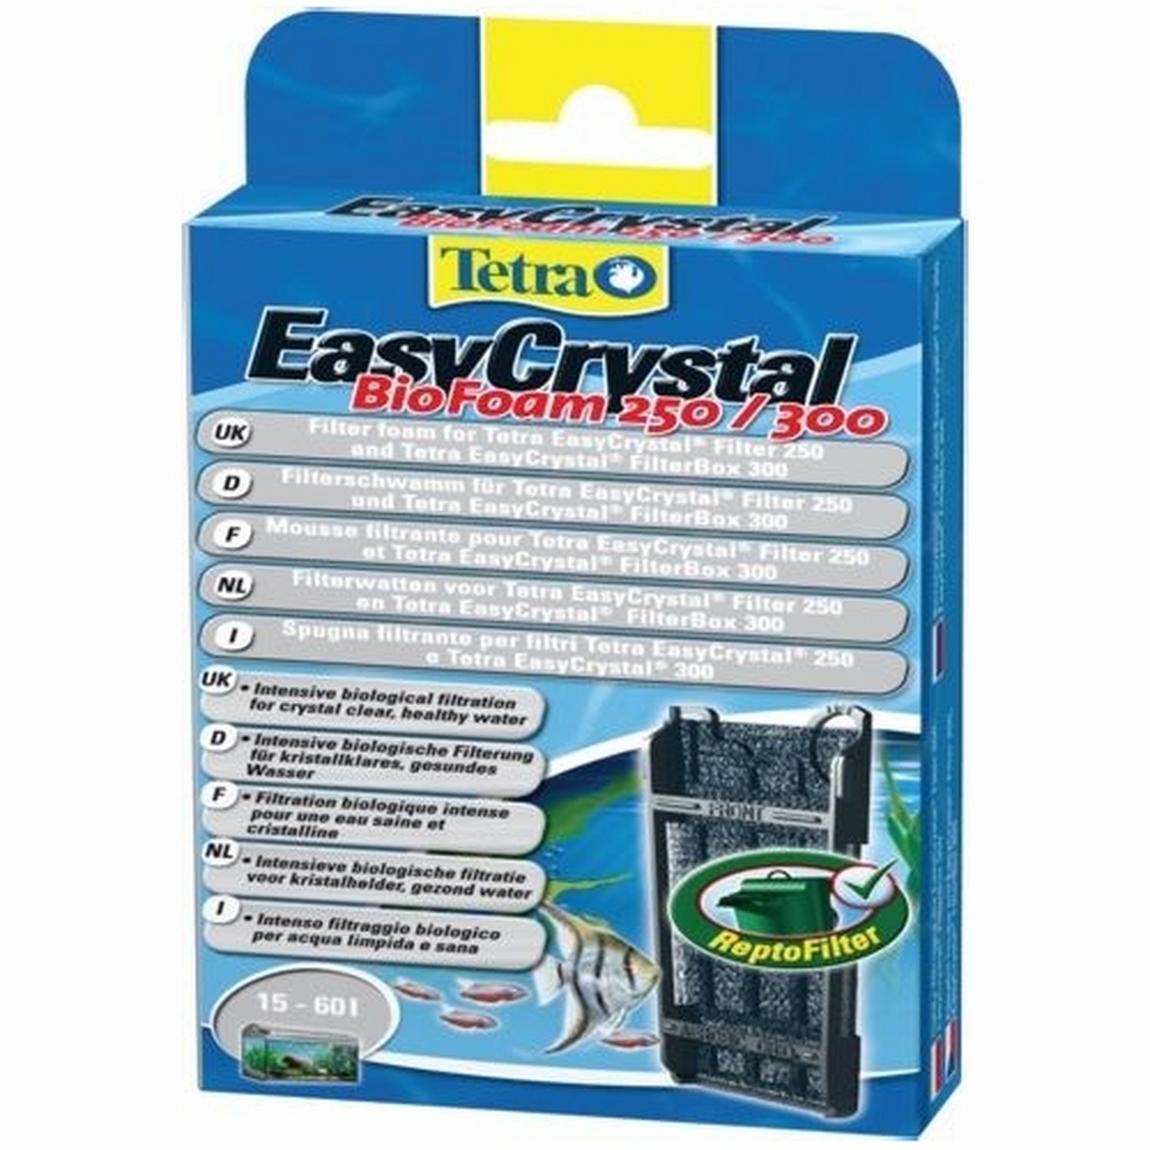 Tetratec Material Filtrant Easycrystal Biofoam 250/300 imagine